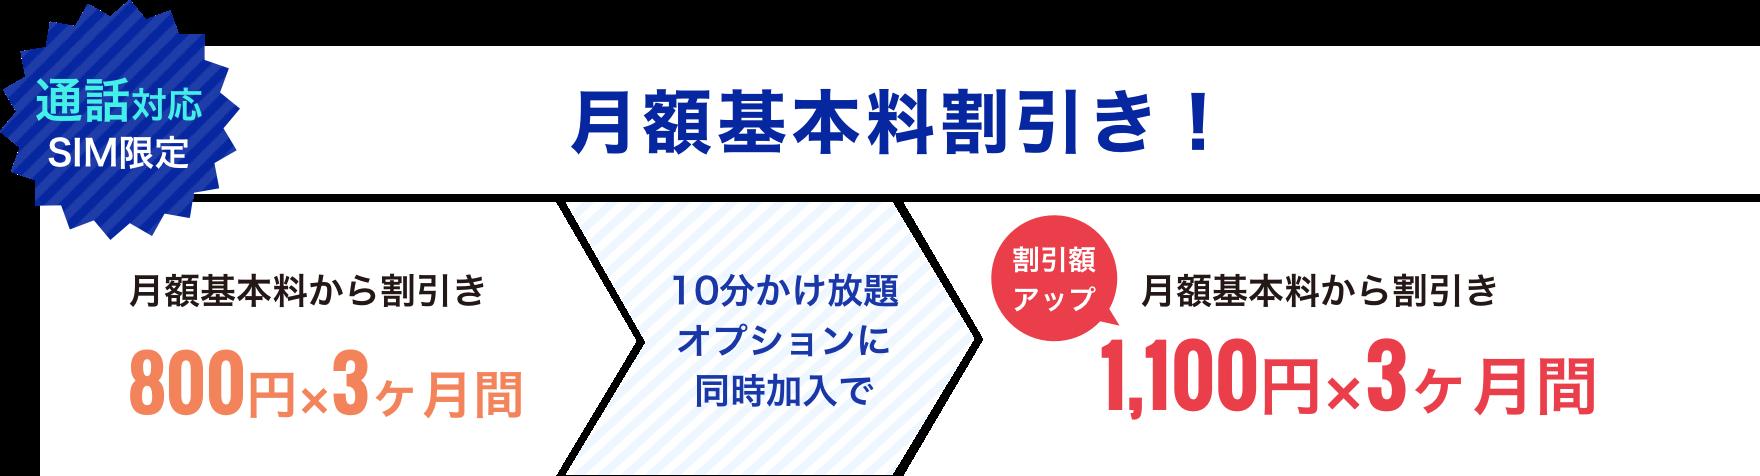 【通話対応SIM限定】月額基本料割引き!割引額は800円×3ヶ月間ですが10分かけ放題オプションに同時加入で1,100円×3ヶ月間に割引き額アップ!